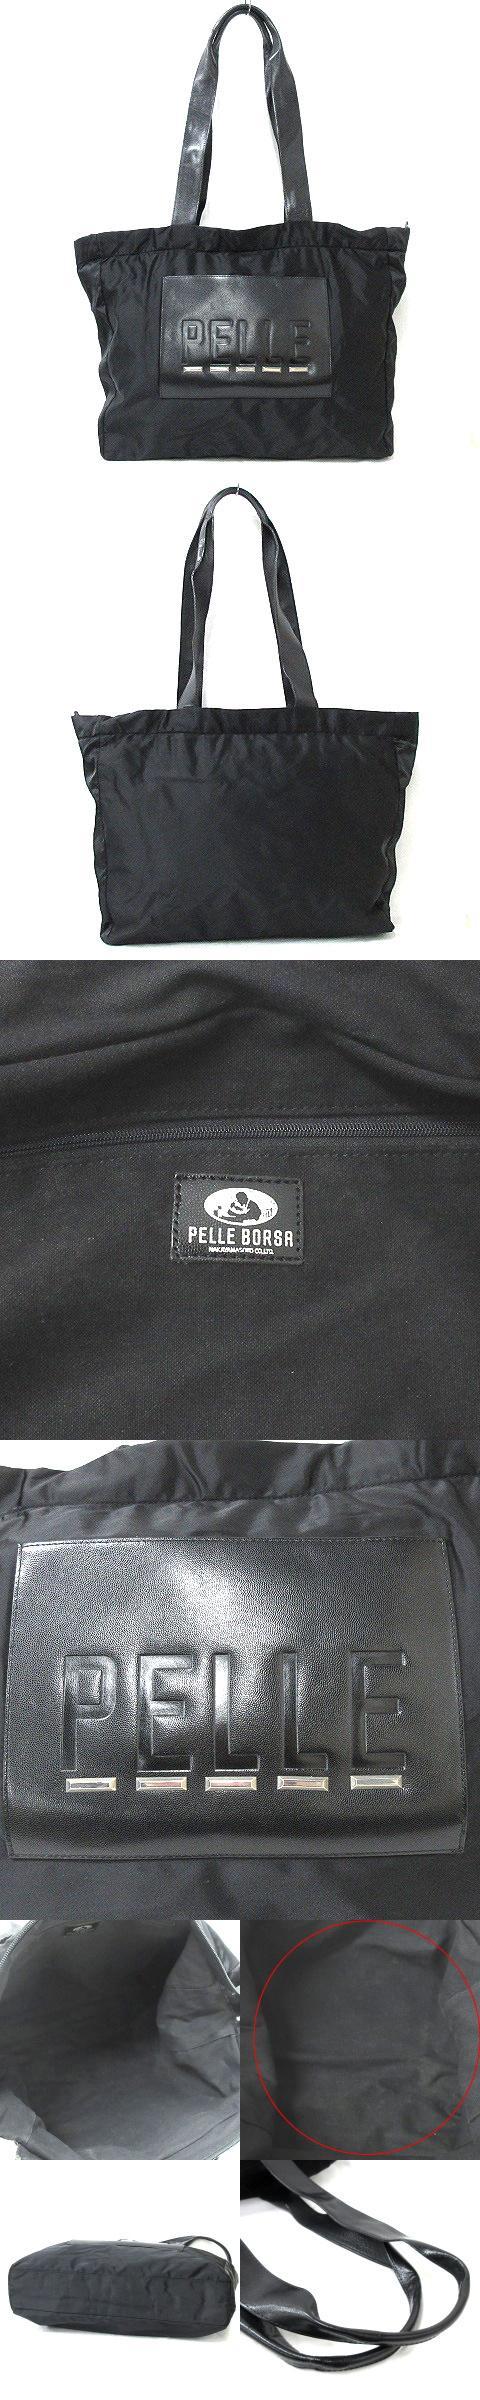 PELLE BORSA ペレボルサ ショルダーバッグ トート ブラック 200110O